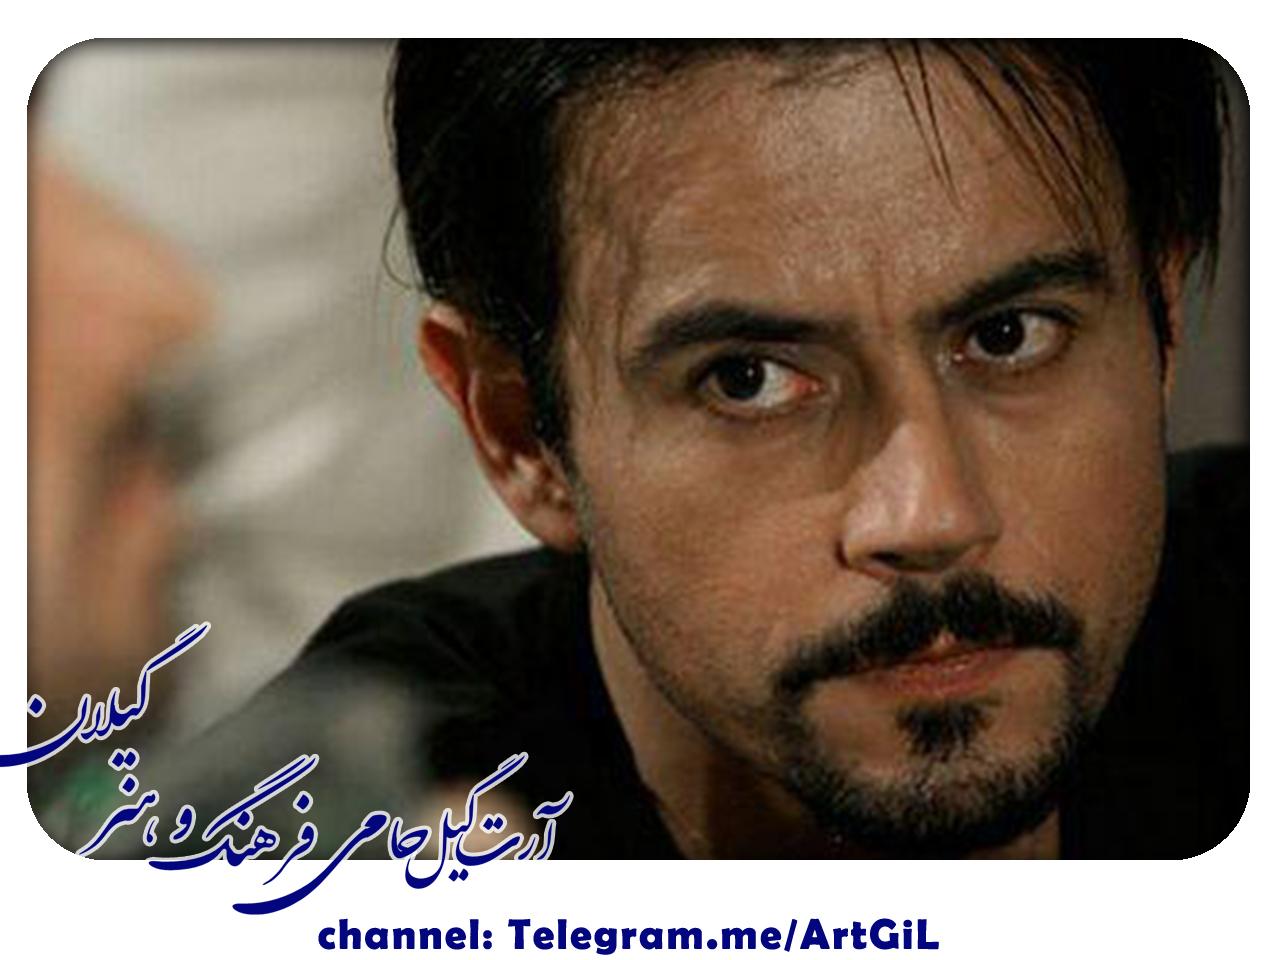 بیوگرافی رحیم نوروزی ( بازیگر )